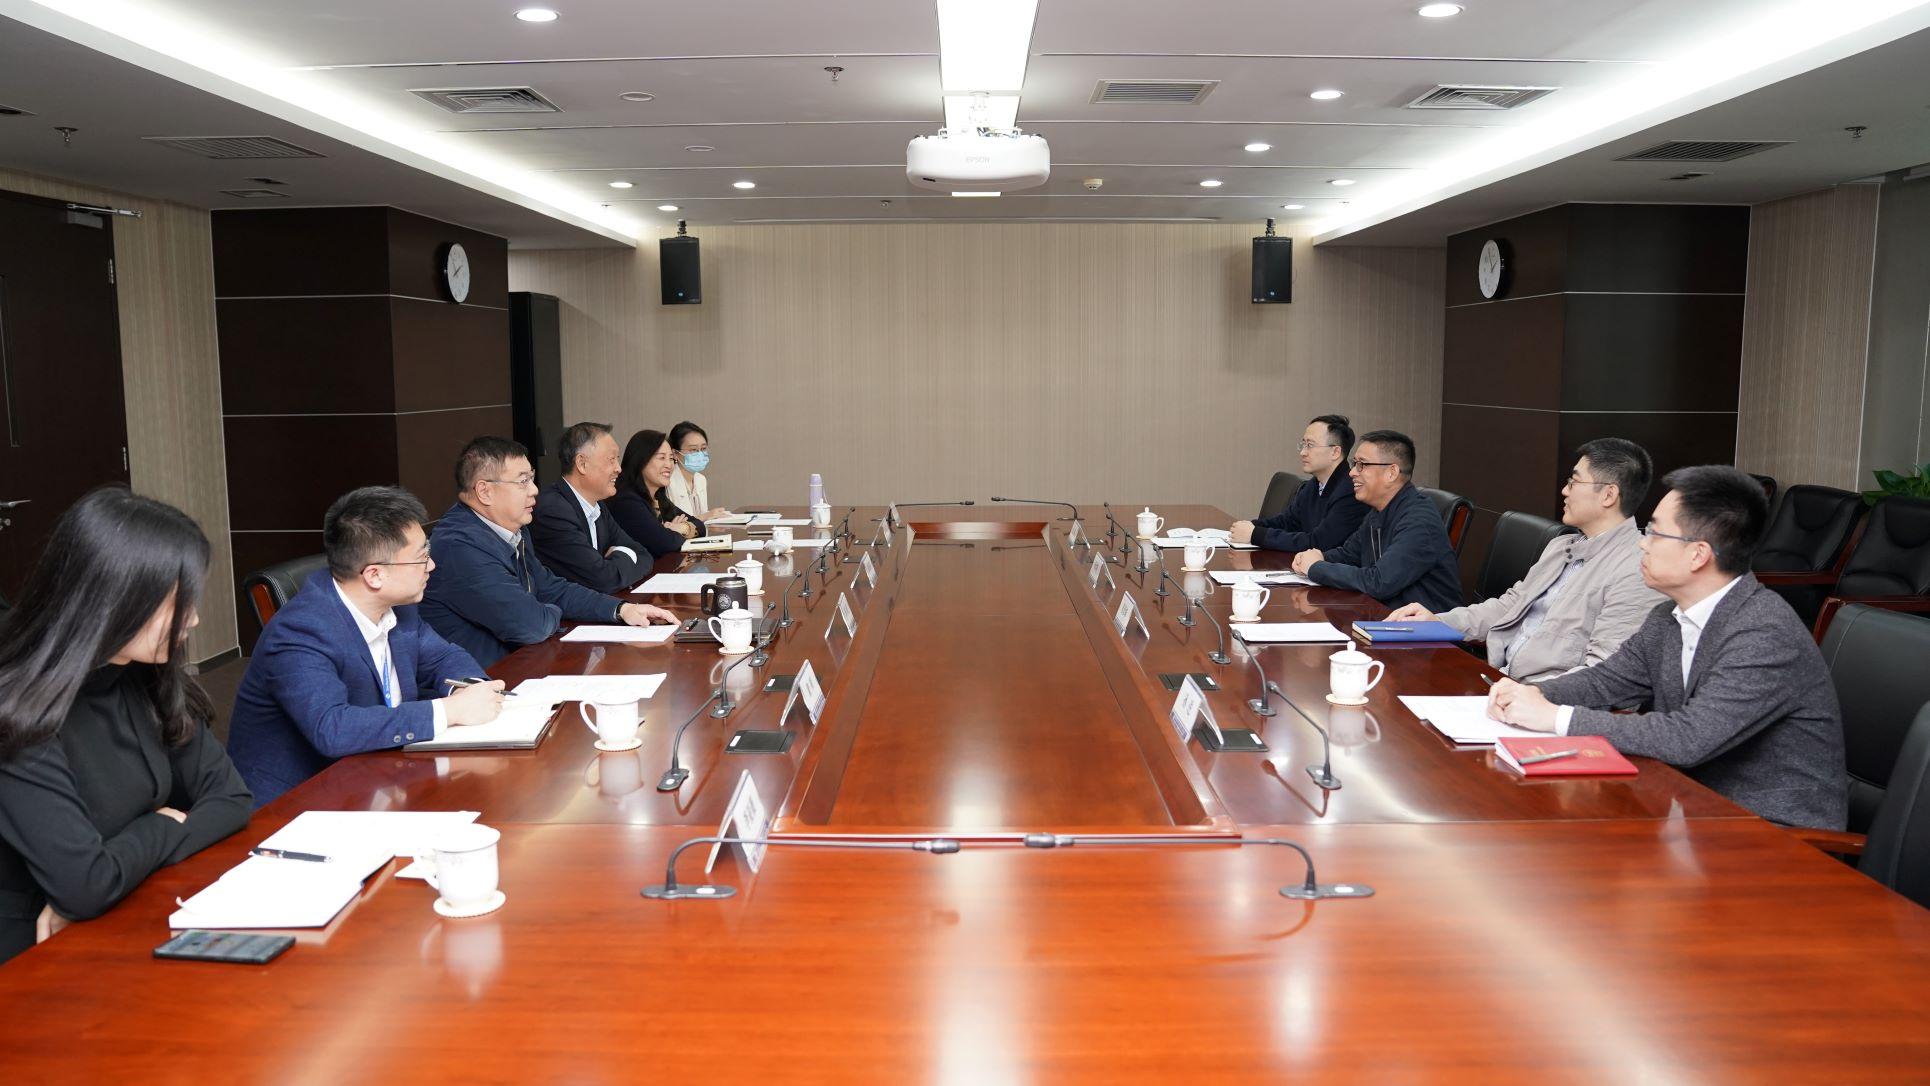 商务部亚洲司杨伟群司长一行赴机电商会调研座谈